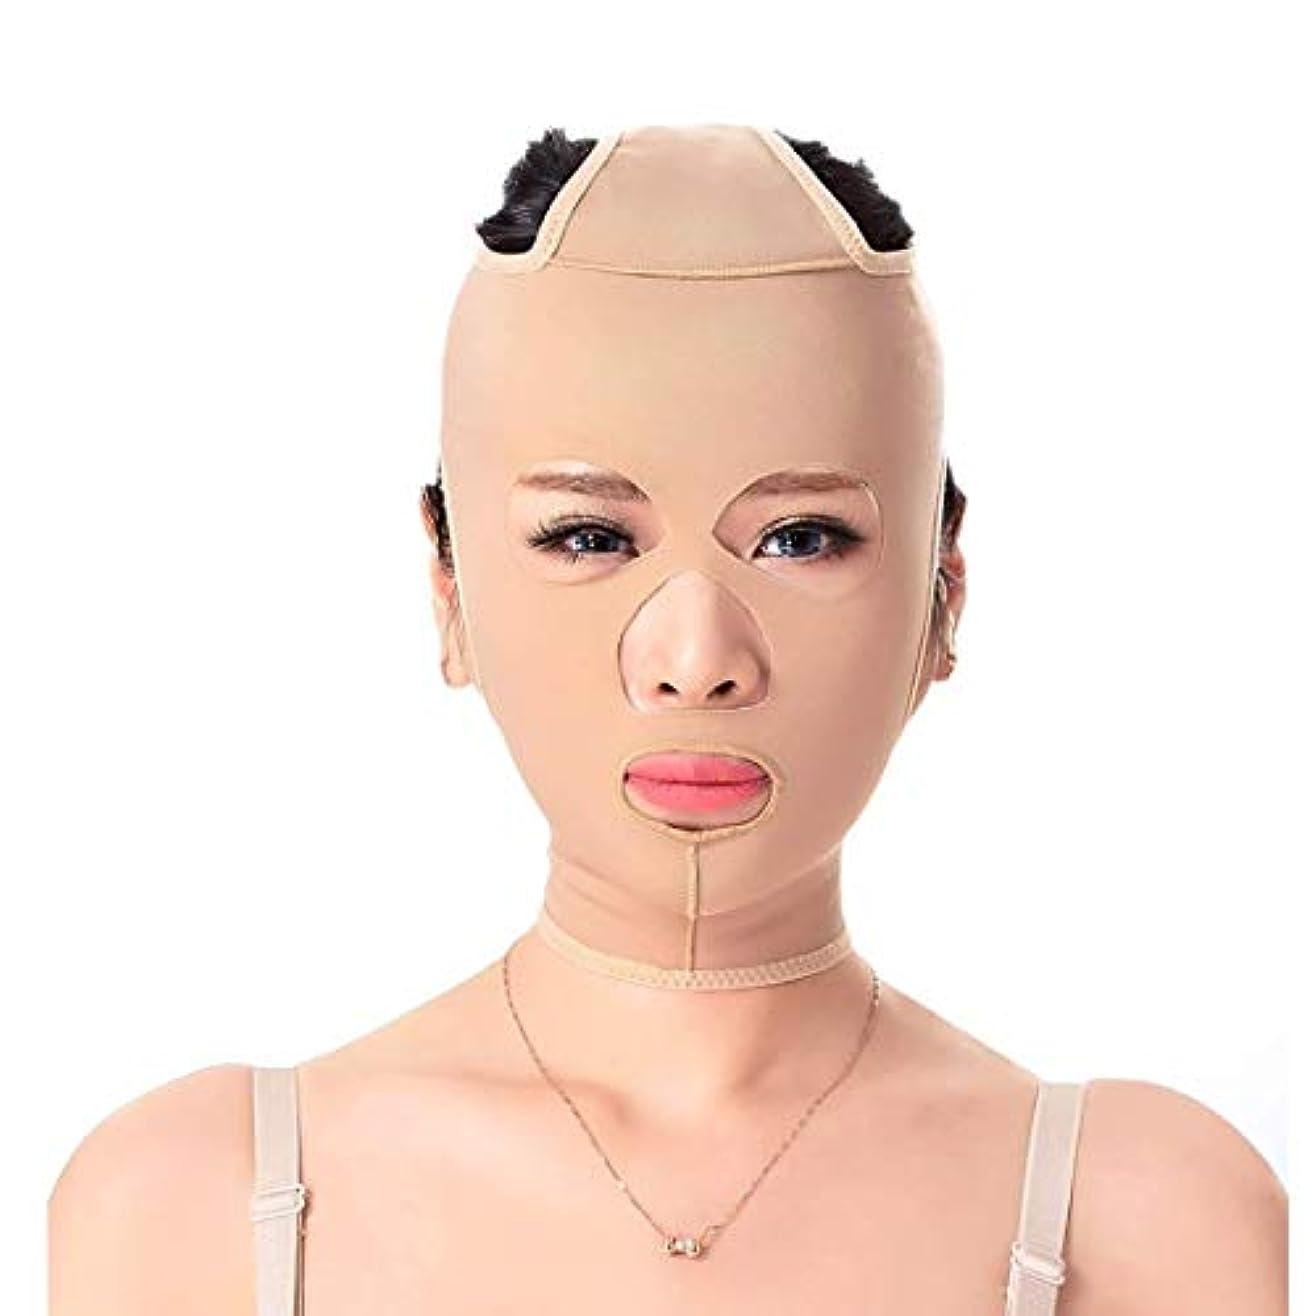 促進する骨折サルベージスリミングベルト、フェイシャルマスク薄いフェイスマスク布布パターンリフティングダブルあご引き締めフェイシャルプラスチック顔アーティファクト強力な顔包帯(サイズ:S)